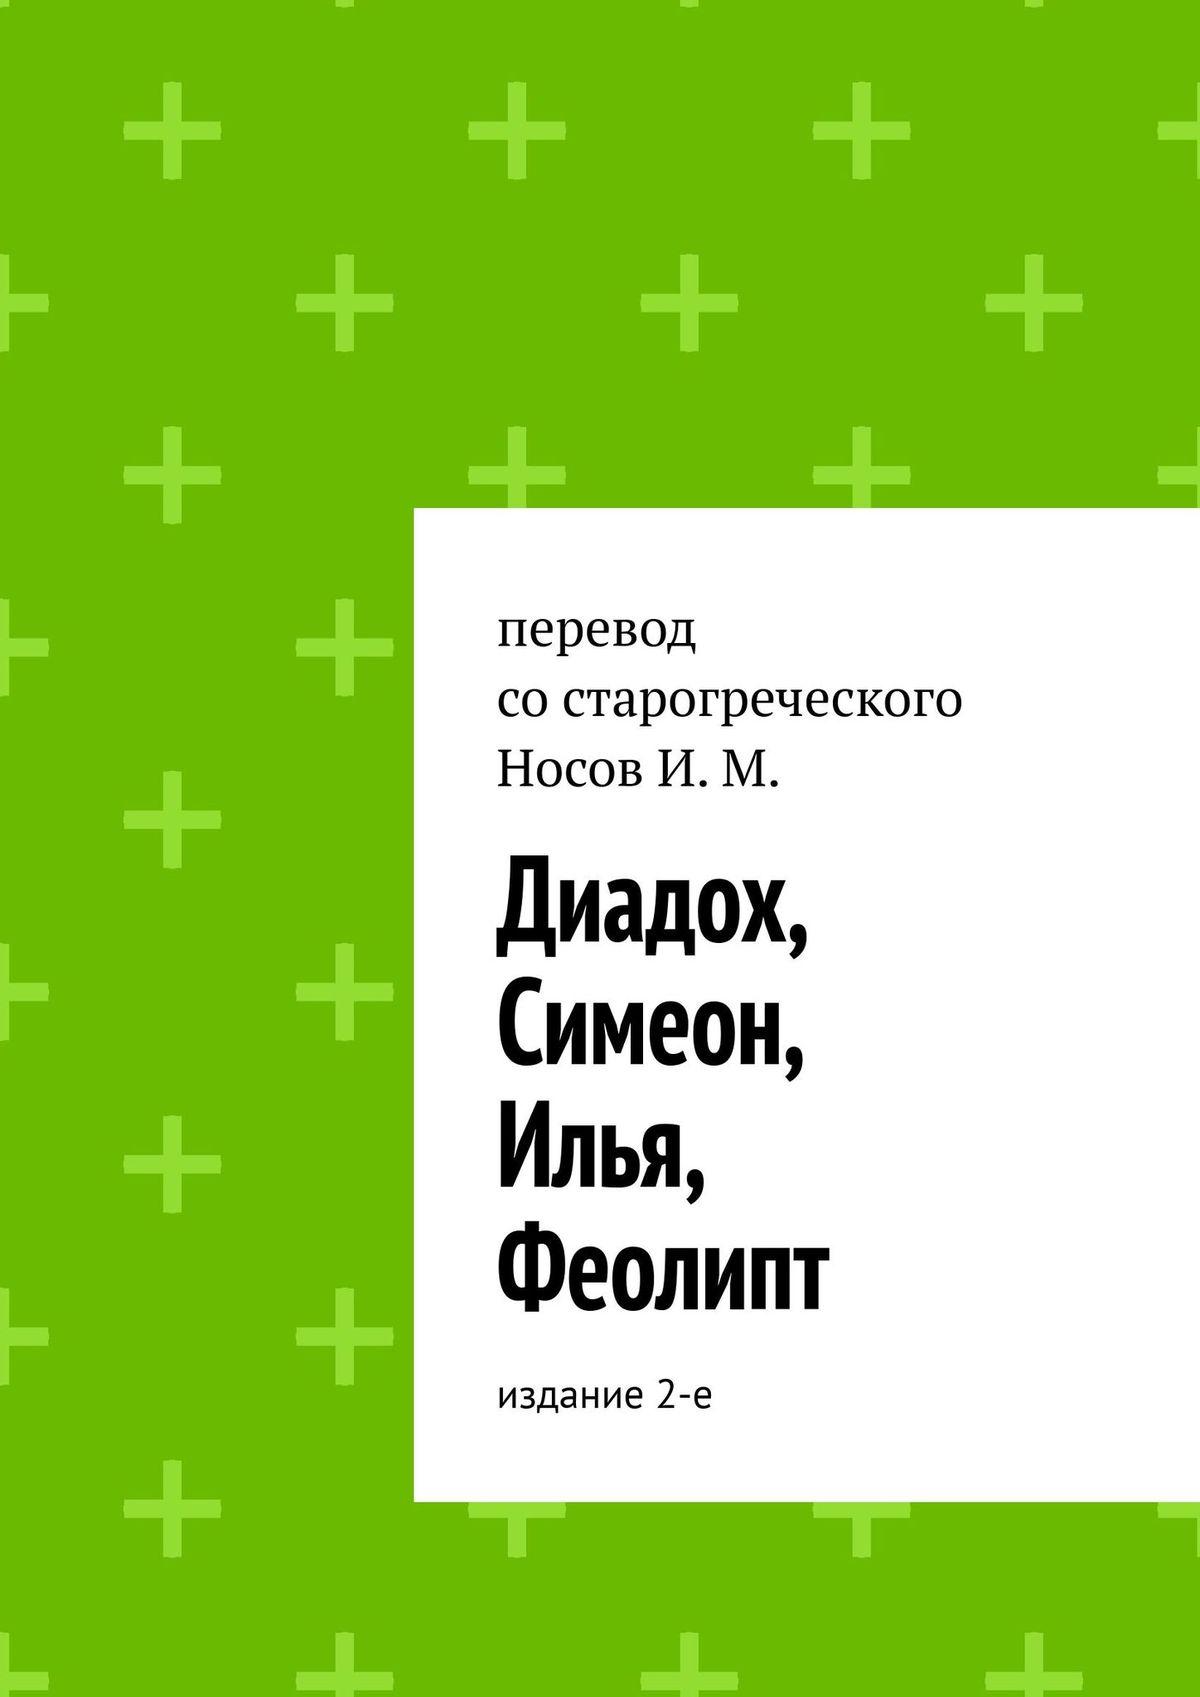 Купить книгу Диадох, Симеон, Илья, Феолипт. Издание 2-е, автора Ильи Михайловича Носова